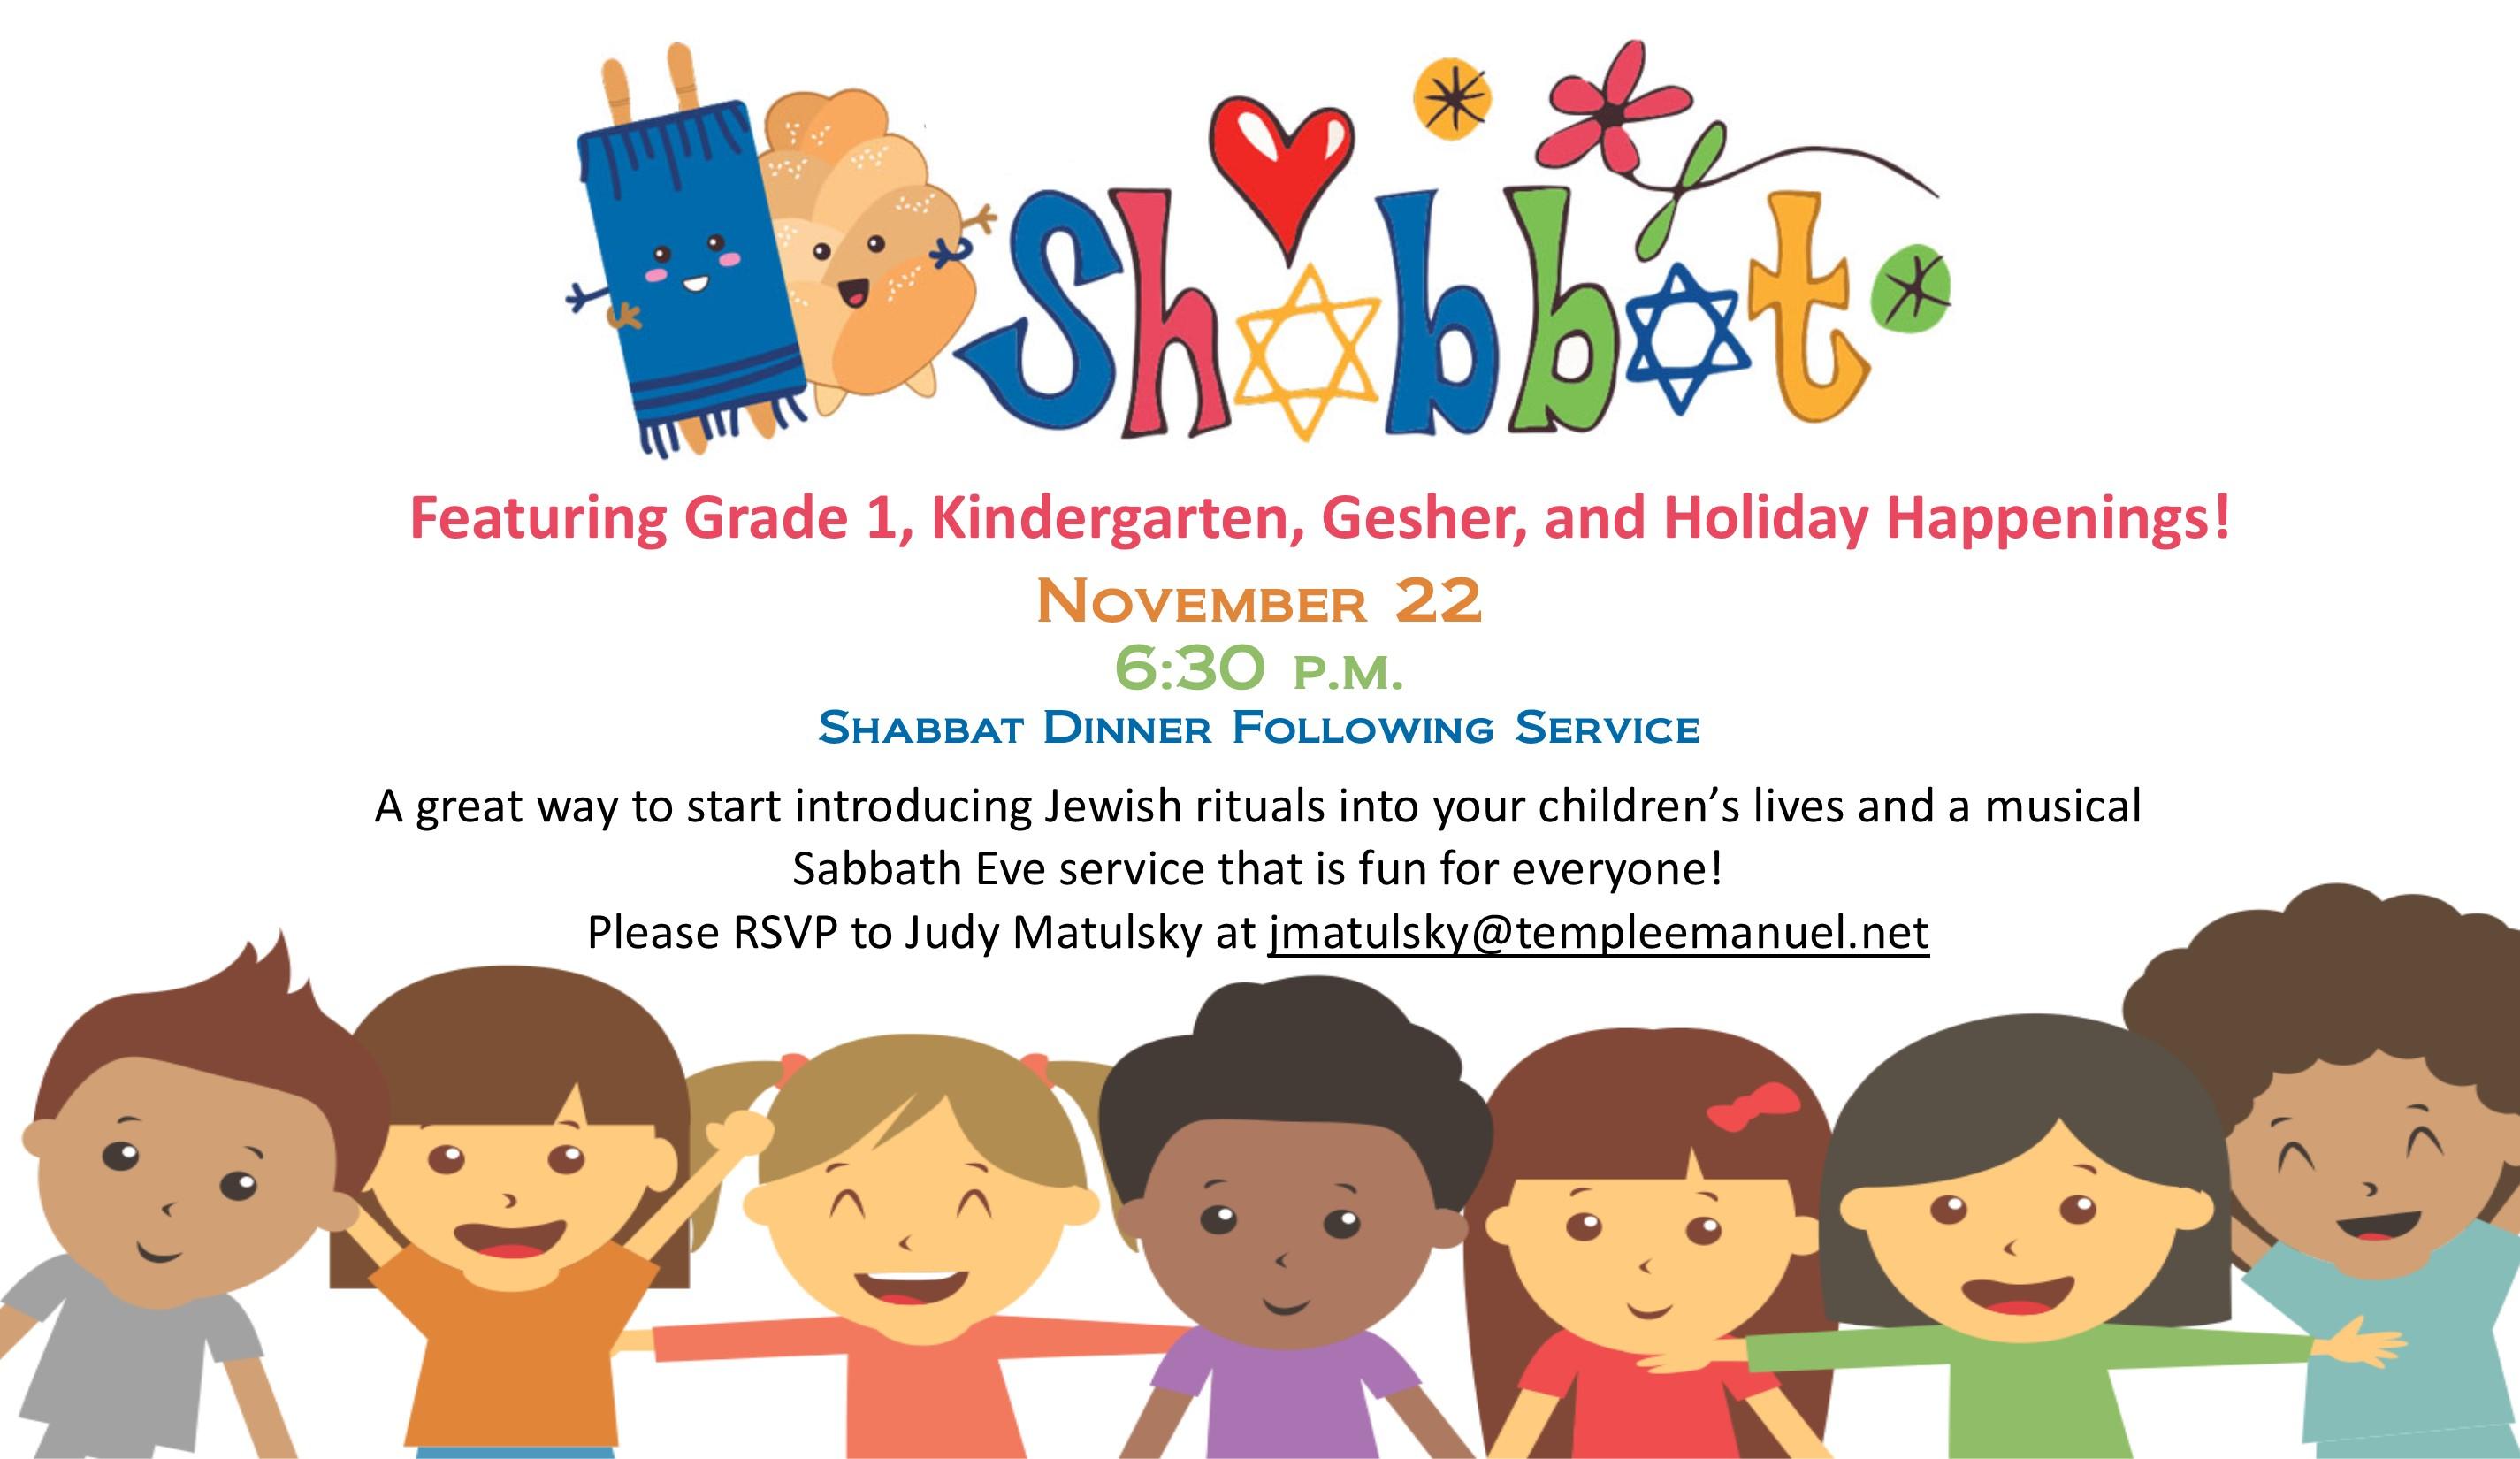 Tot Shabbat gesher HH and kindergarten grade 1 11.22.19